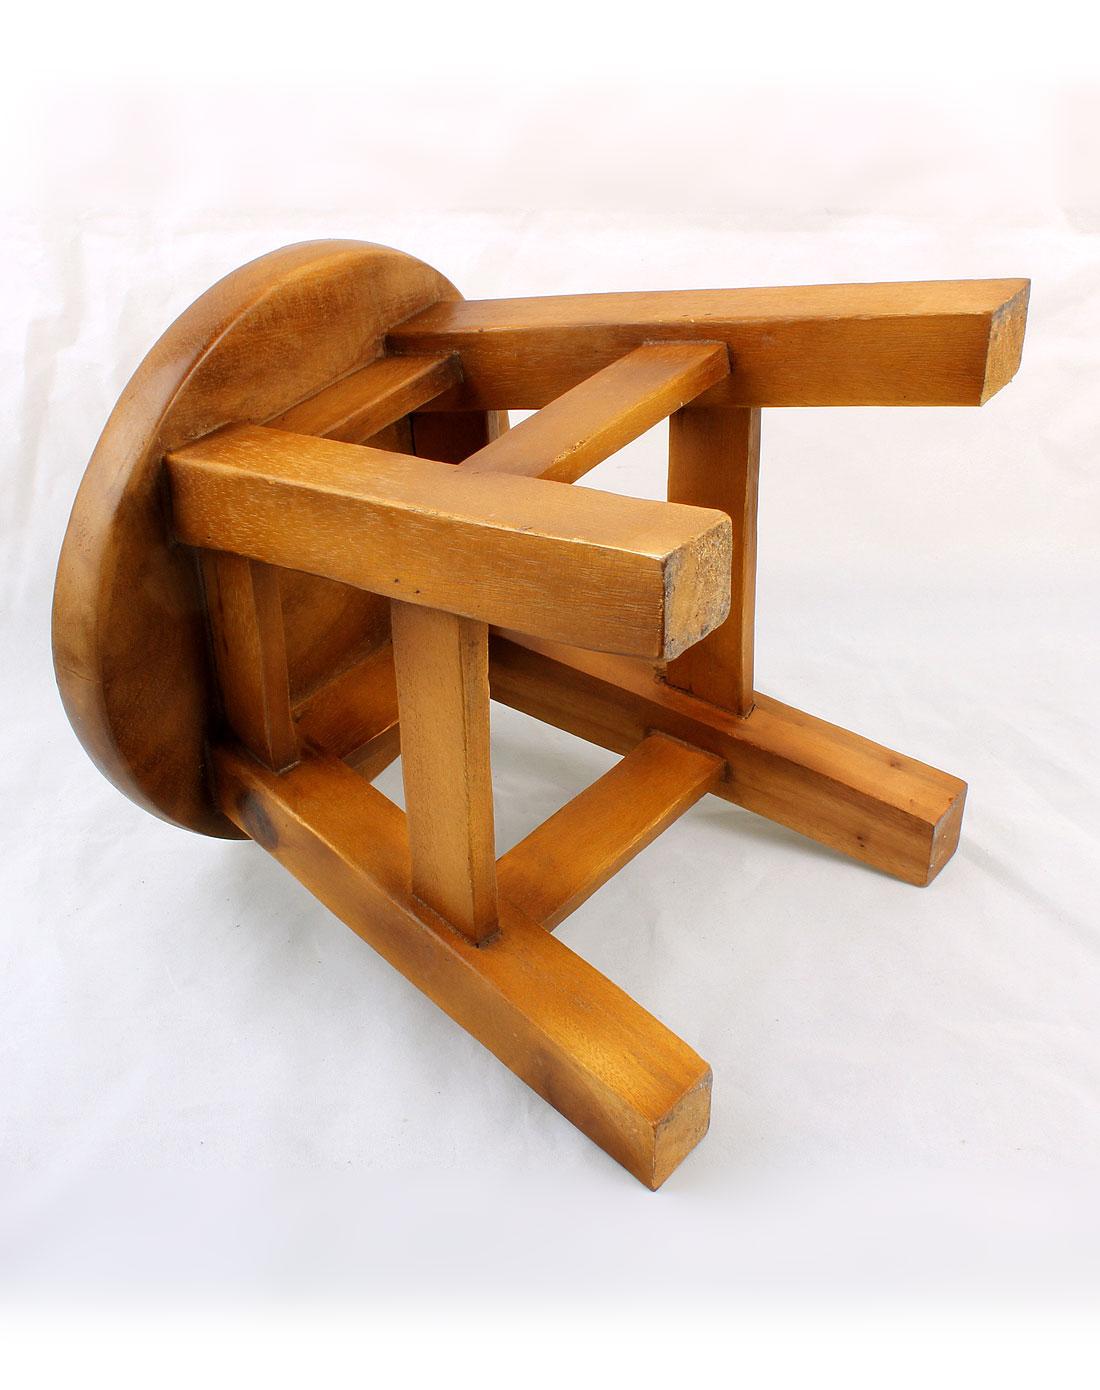 泰国柚手工制作家居木凳 音乐熊 一对装